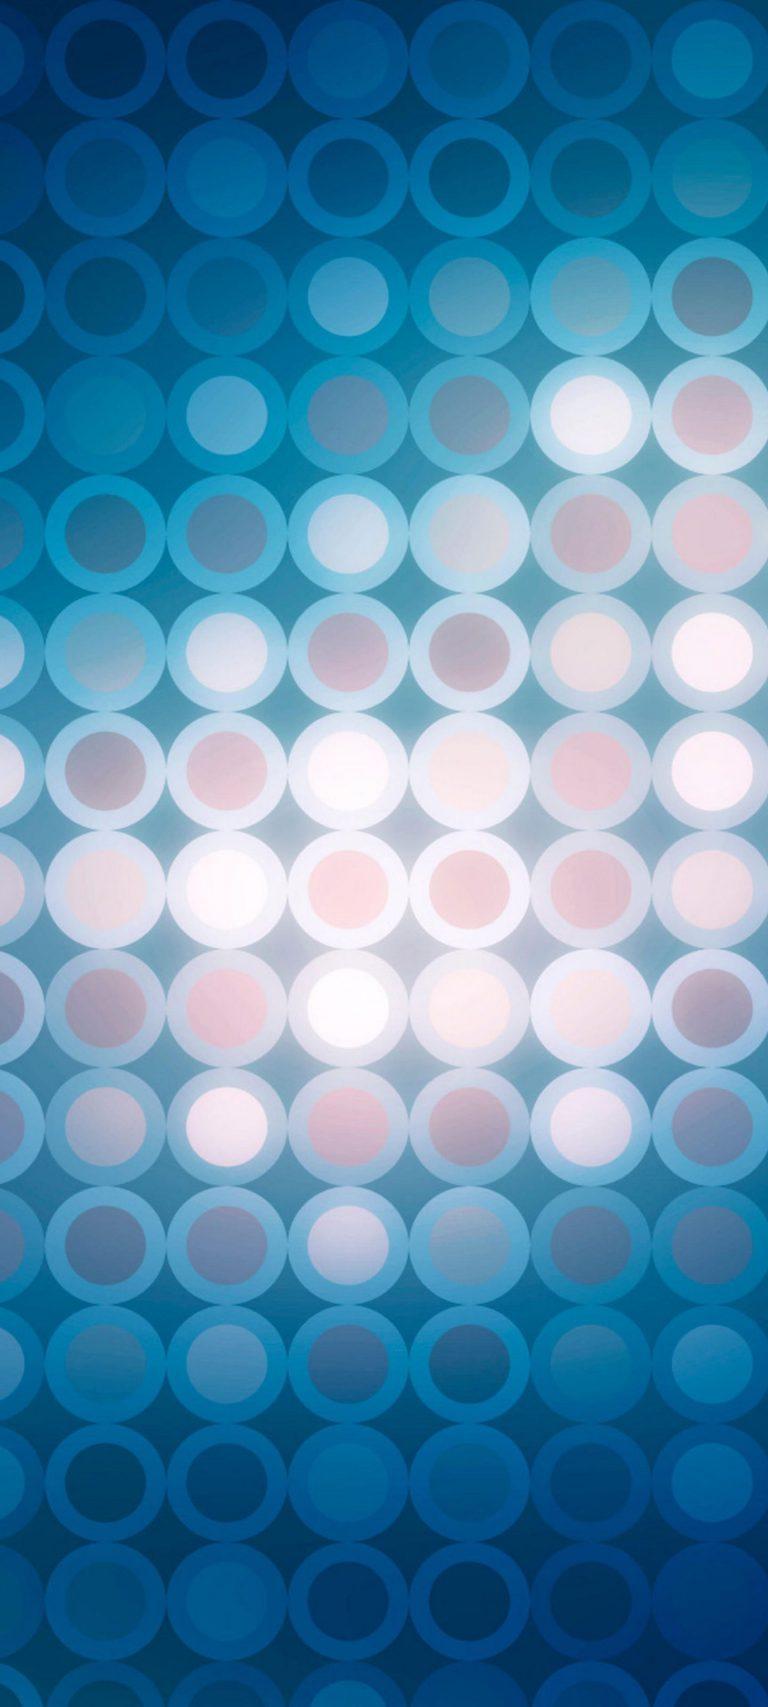 1440x3200 HD Wallpaper 117 768x1707 - 1440x3200 HD Wallpaper - 117